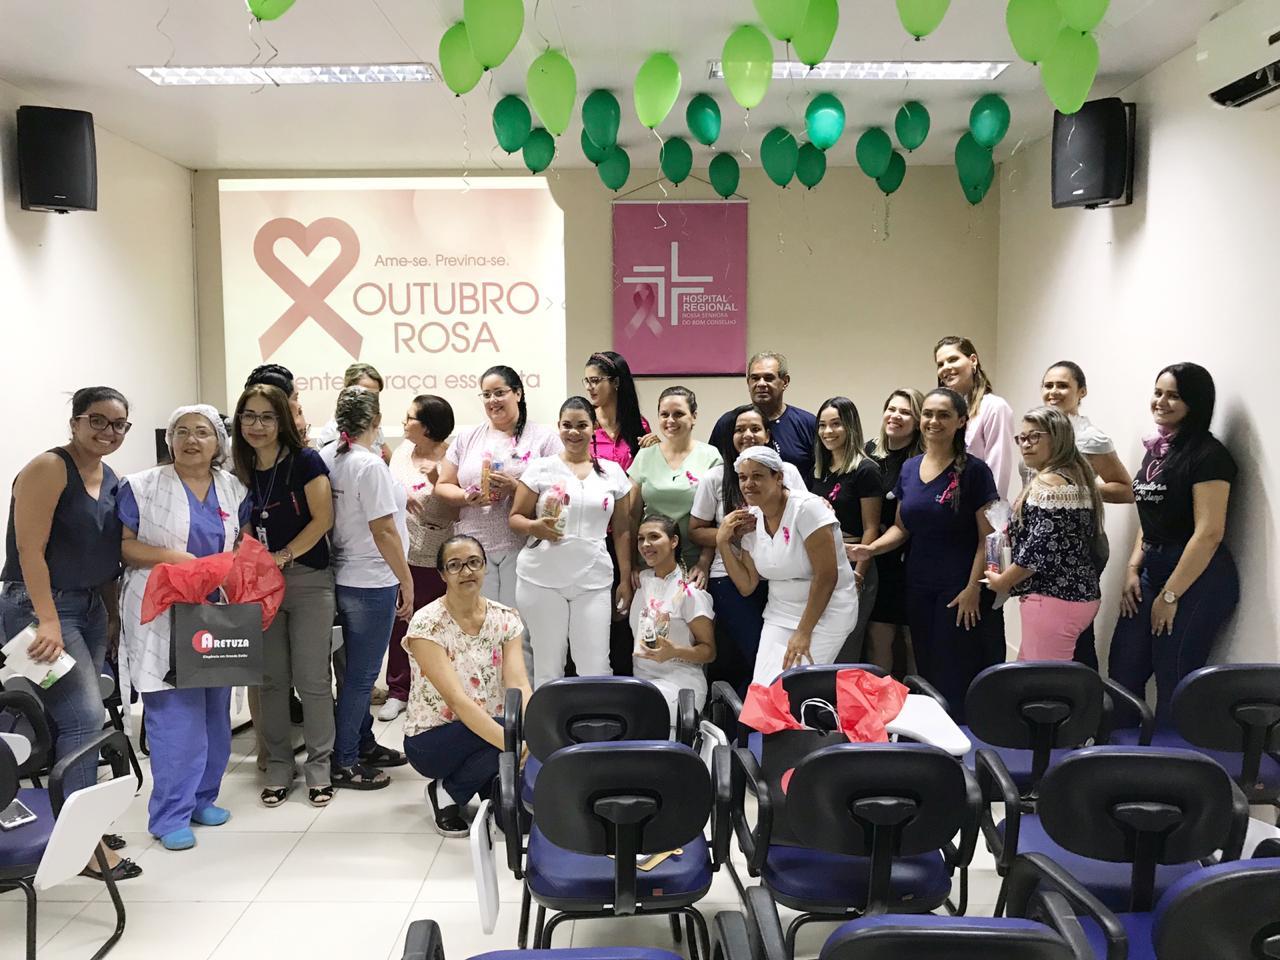 Hospital Regional celebra Outubro Rosa com exames e depoimentos emocionados